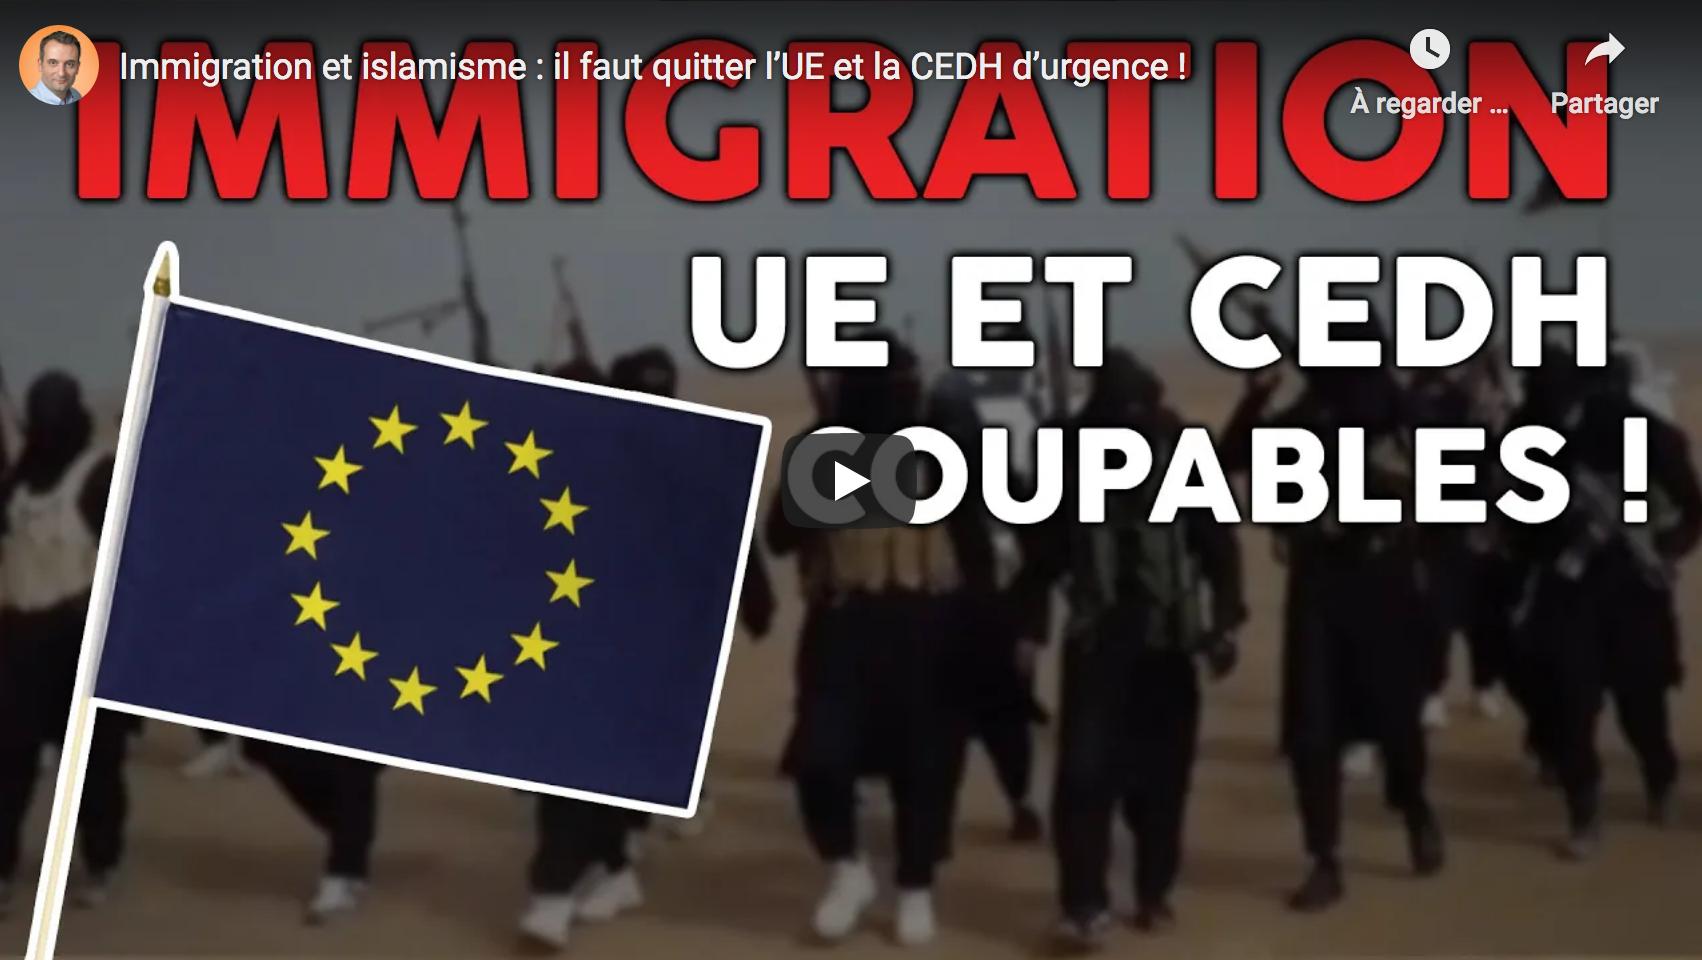 Immigration et islamisme : il faut quitter l'UE et la CEDH d'urgence ! (Florian Philippot)